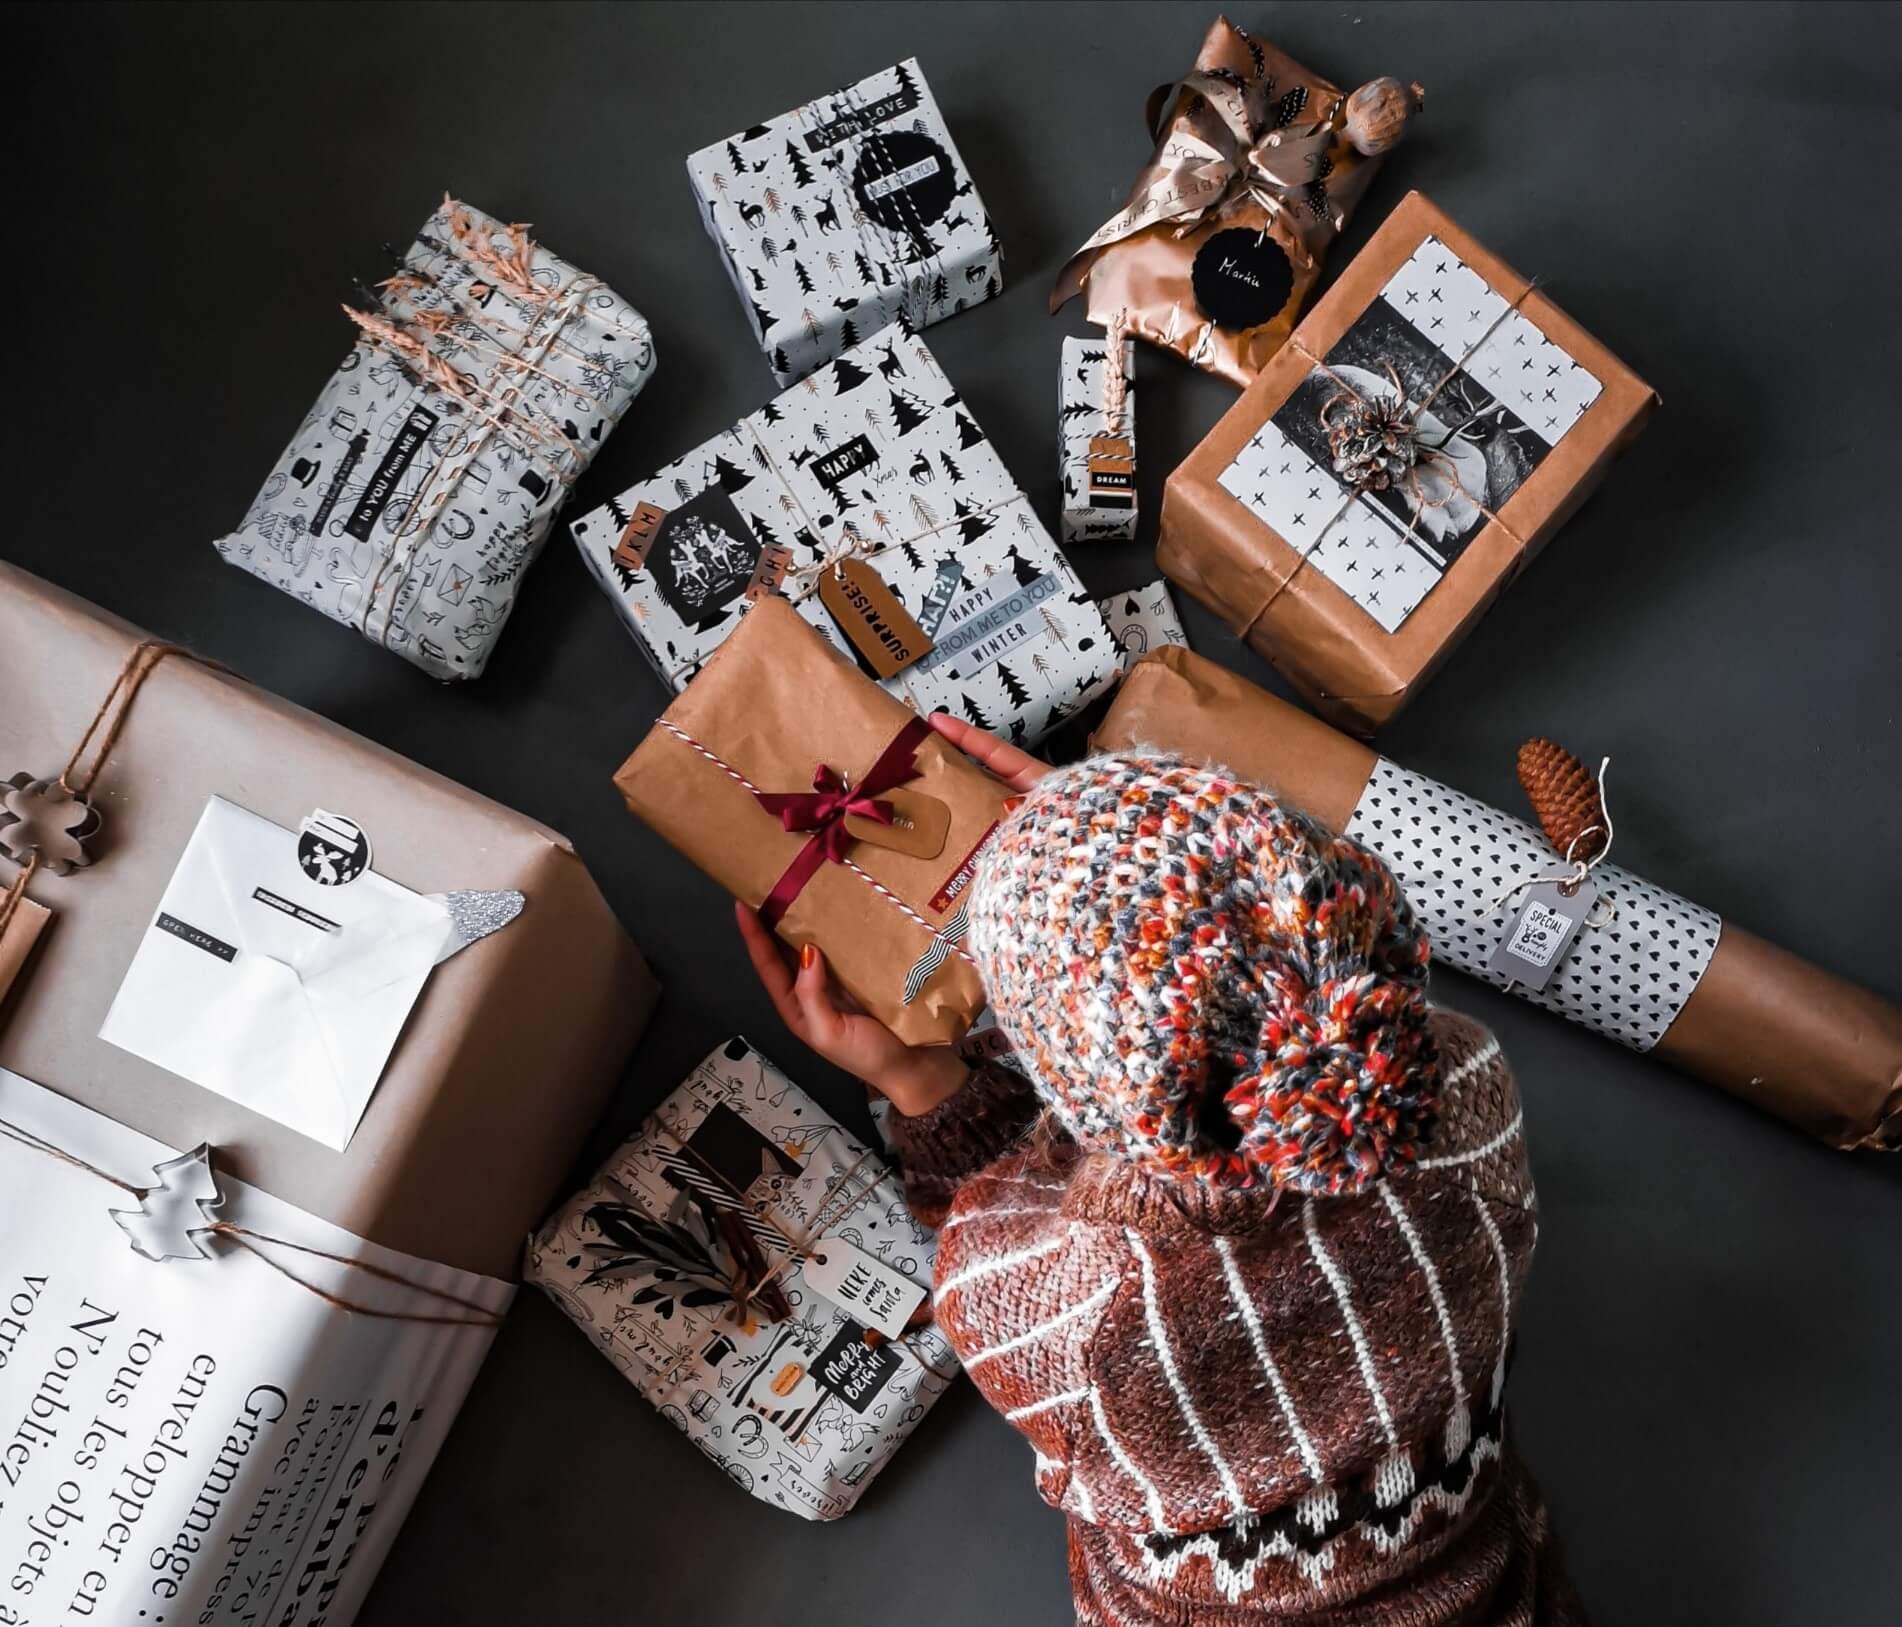 IMG 20191208 140034 resized 20191208 060151711 - Geschenke verpacken: 11 kreative Tipps zum Selbermachen